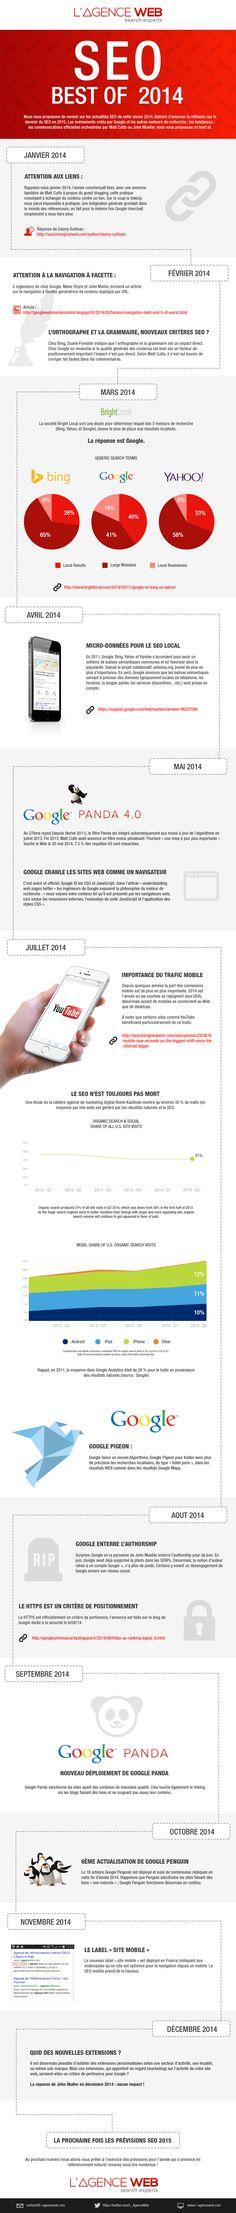 Best Of SEO 2014 - par l'Agence Web